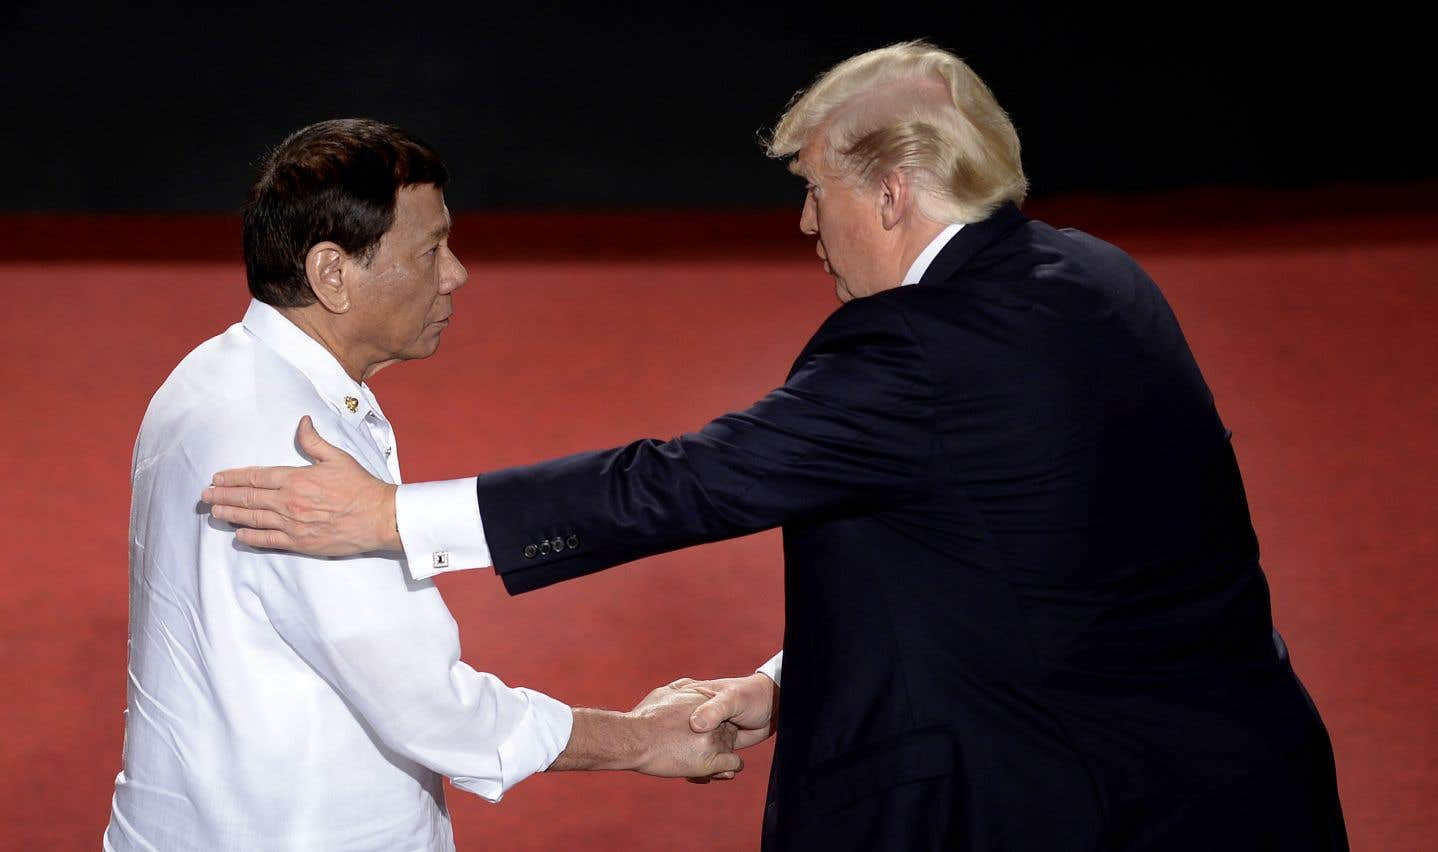 À Manille, Trump affiche sa complicité avec Duterte